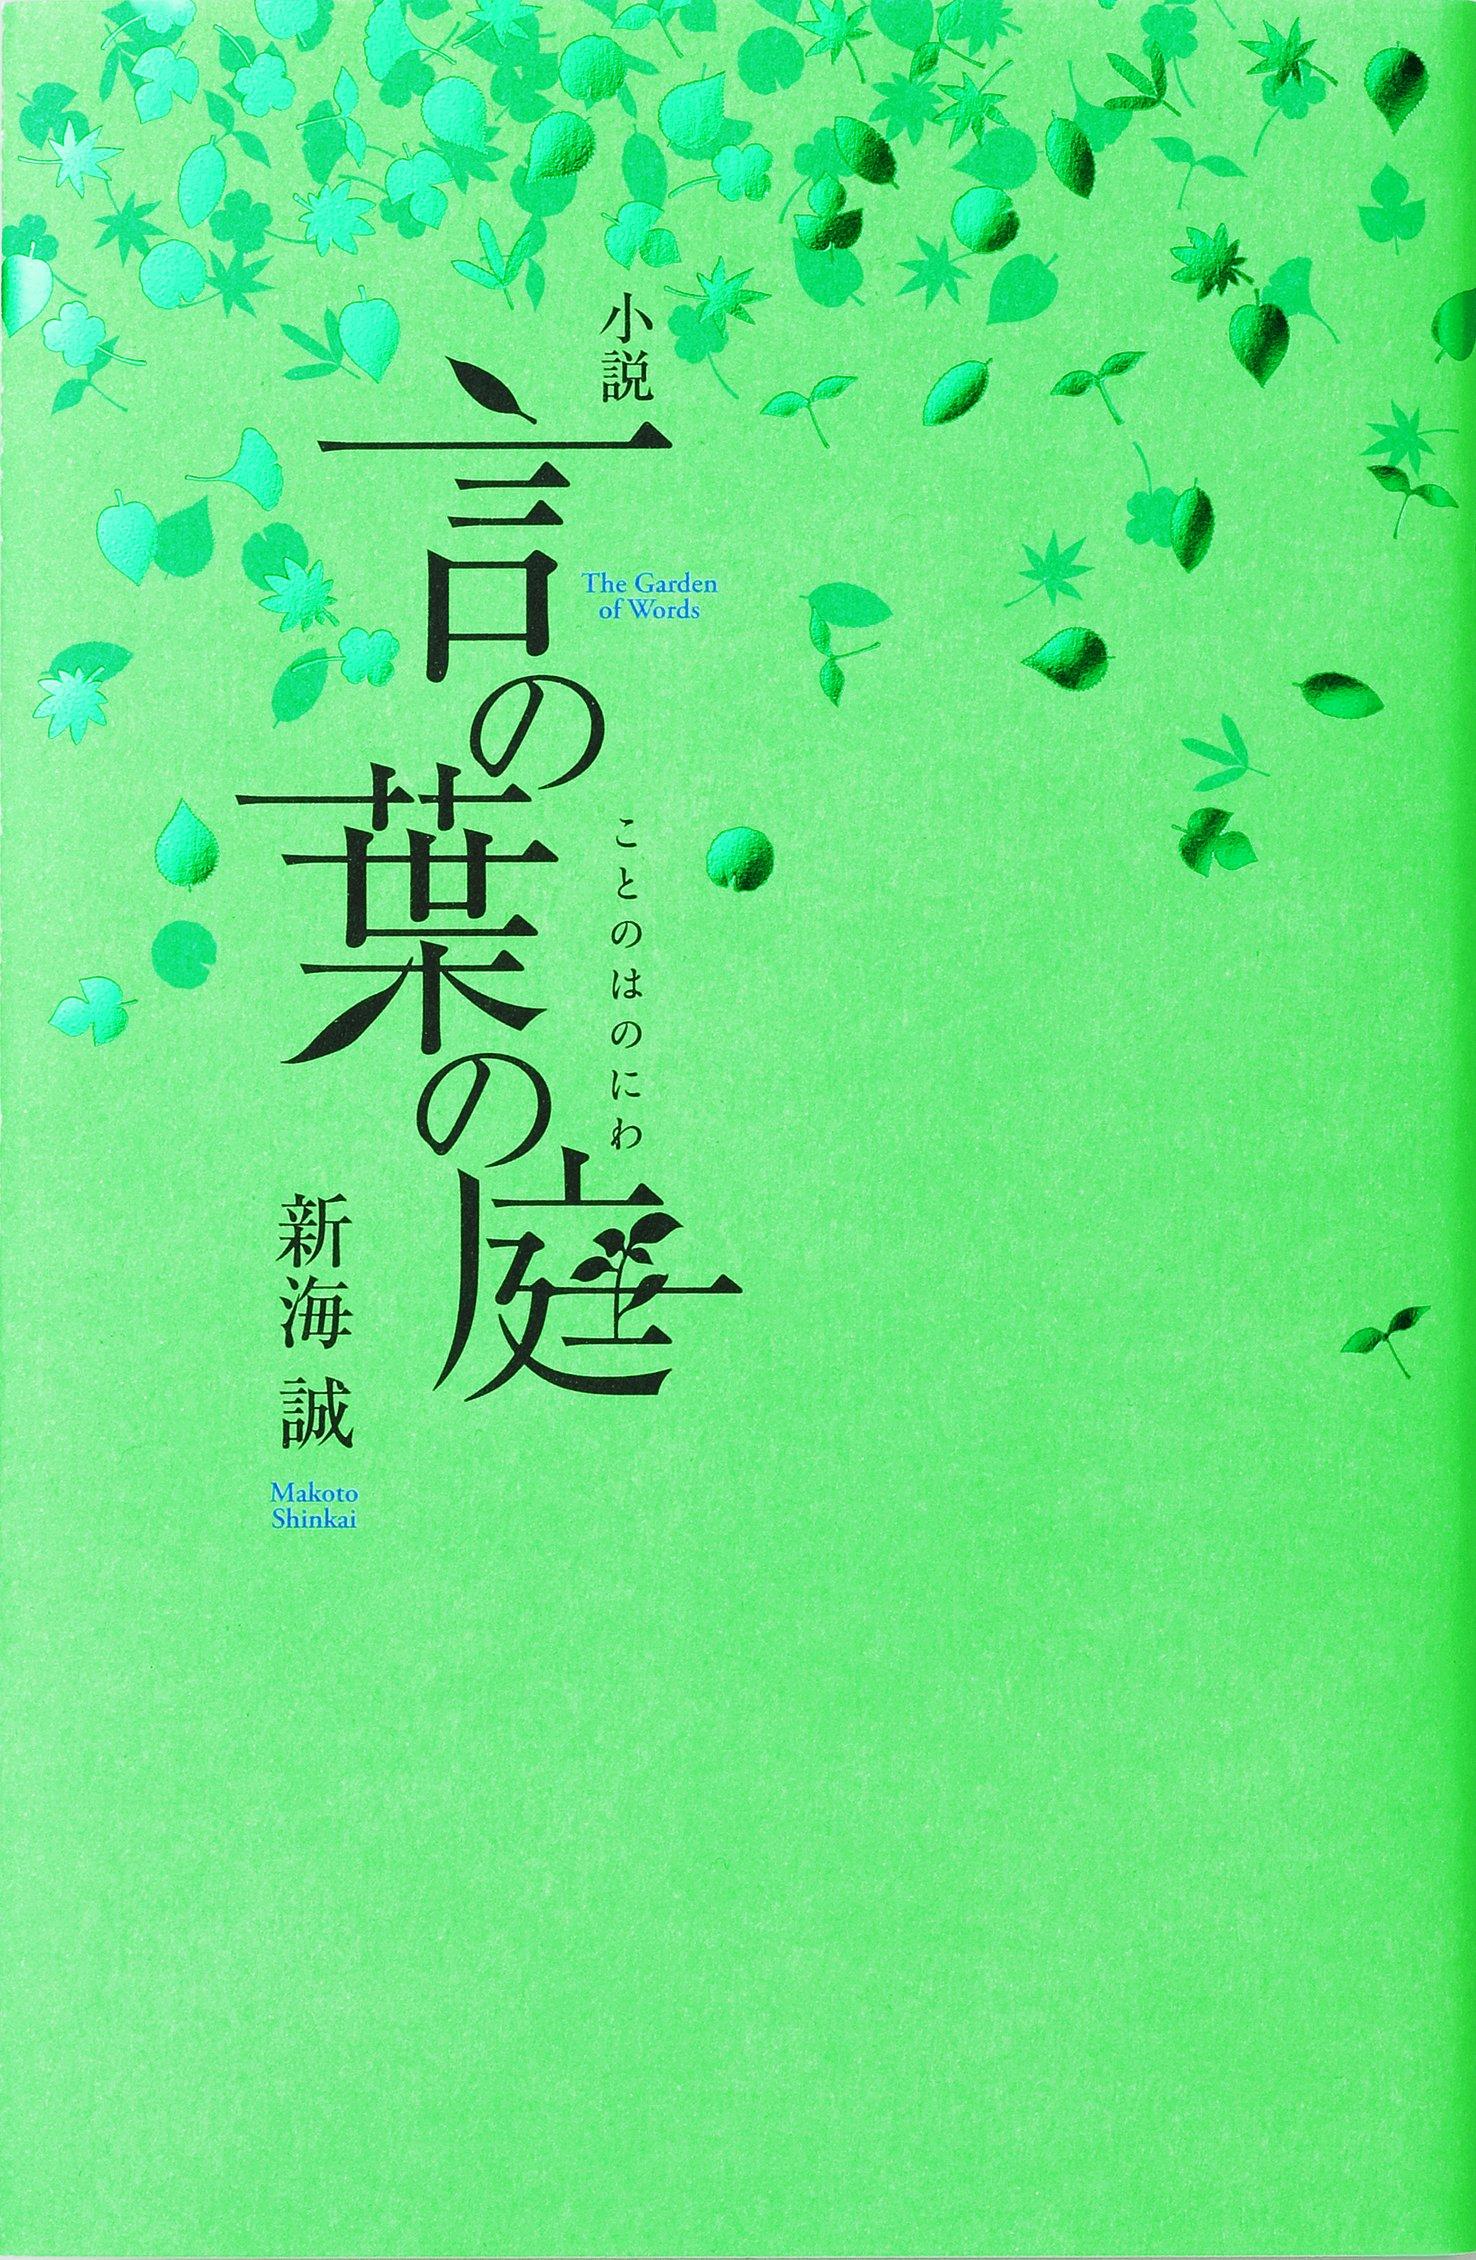 雨の日 読書